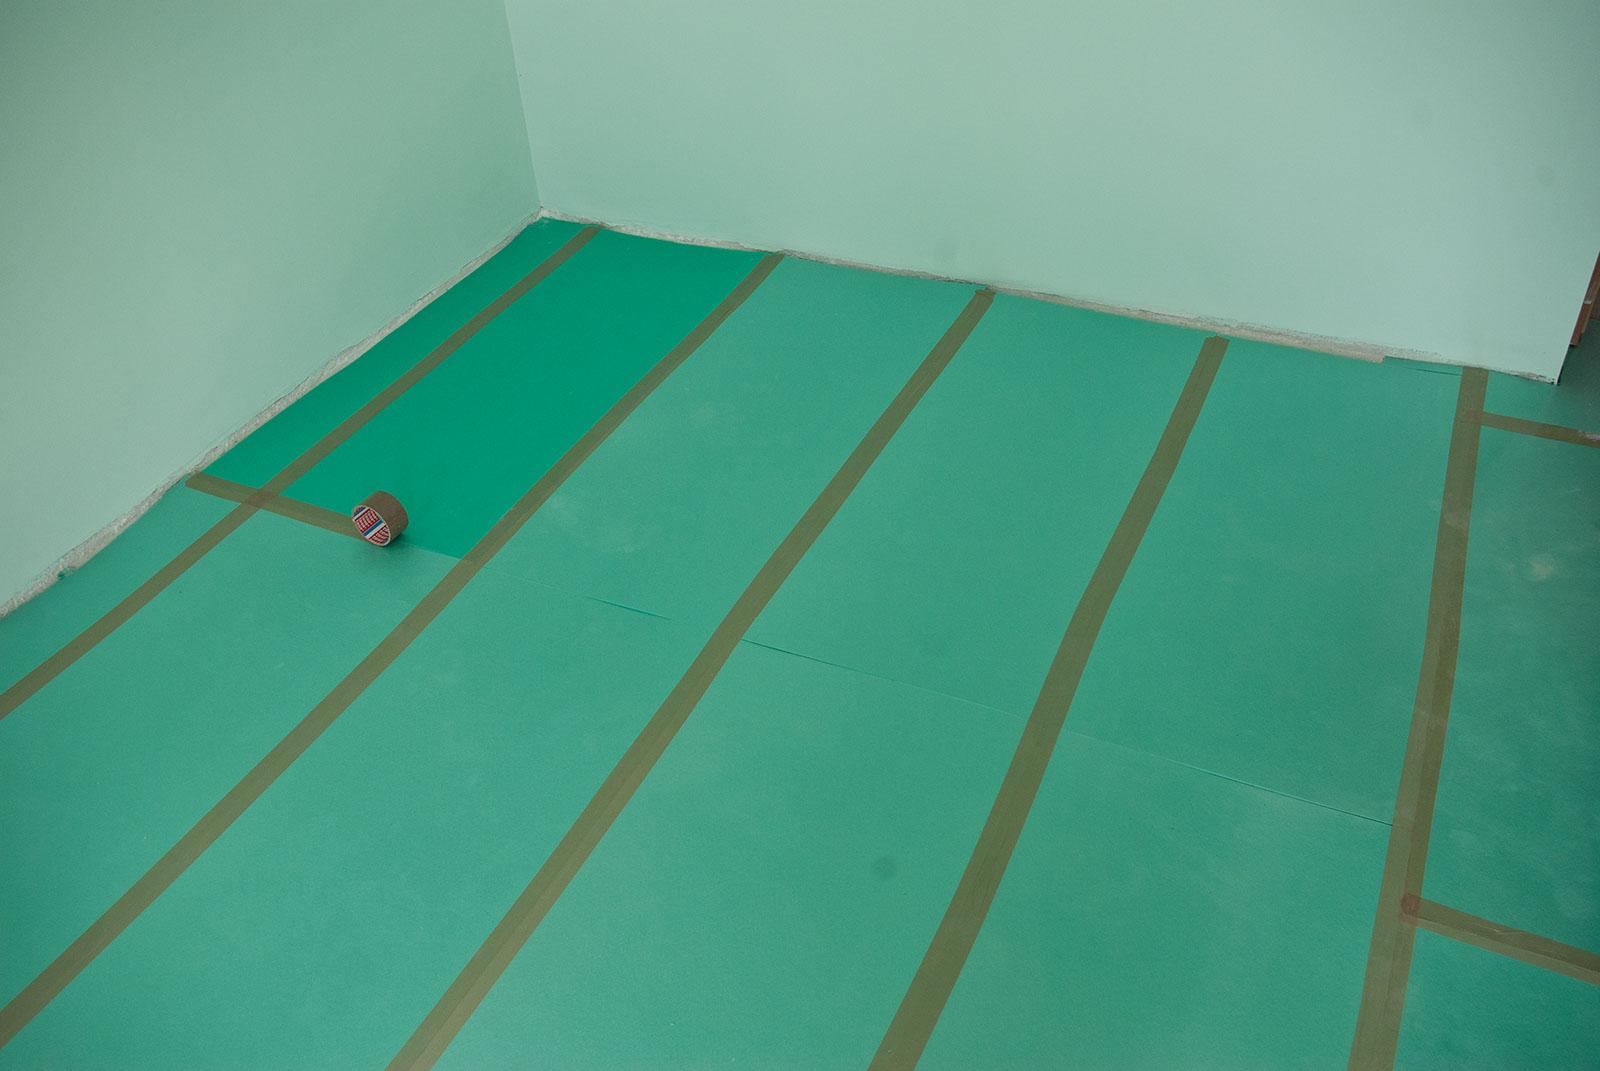 mozhno li klast laminat na linoleum 15 - In which rooms?